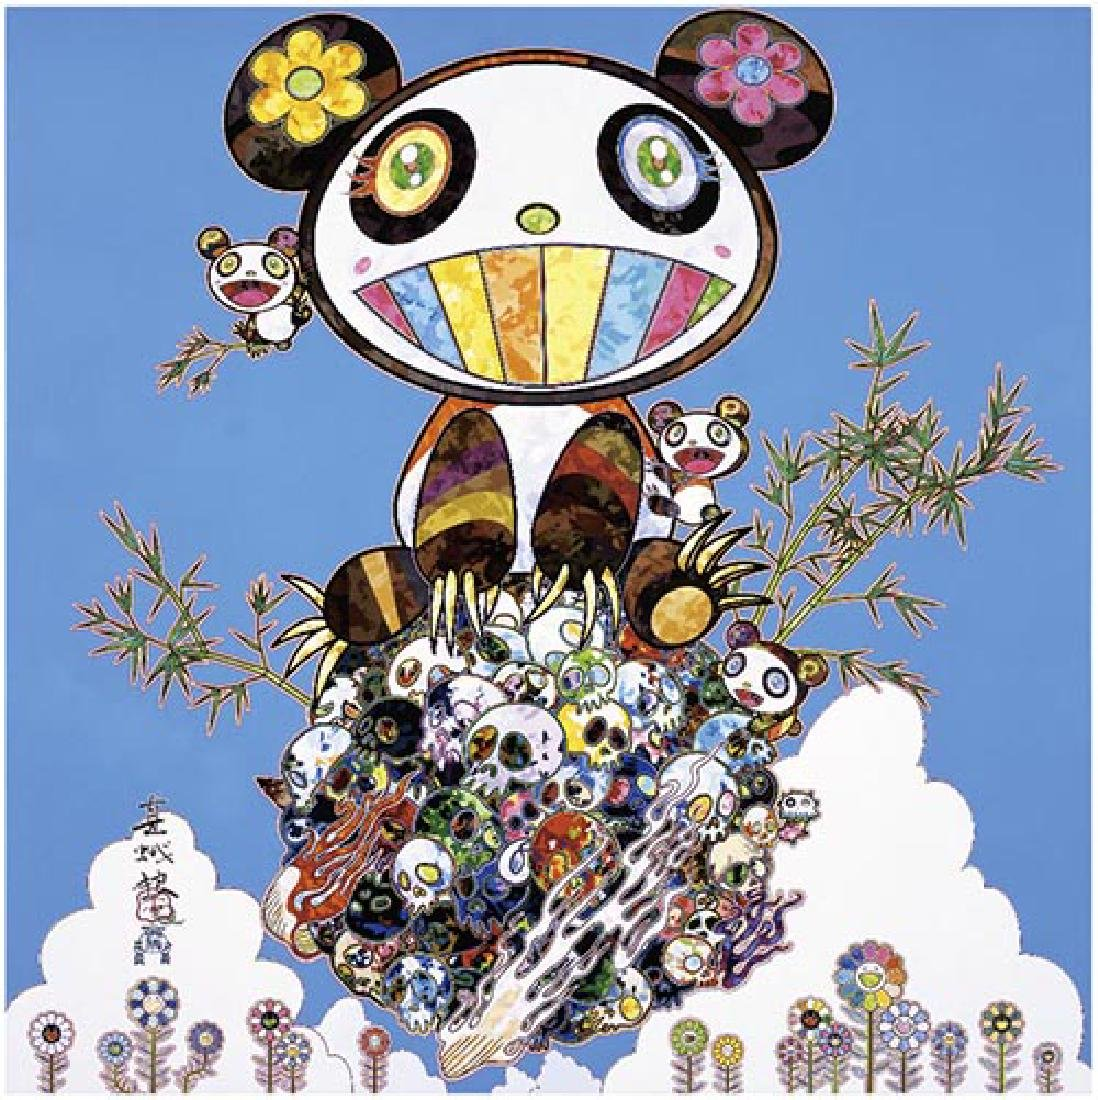 TAKASHI MURAKAMI  Panda Family Happiness